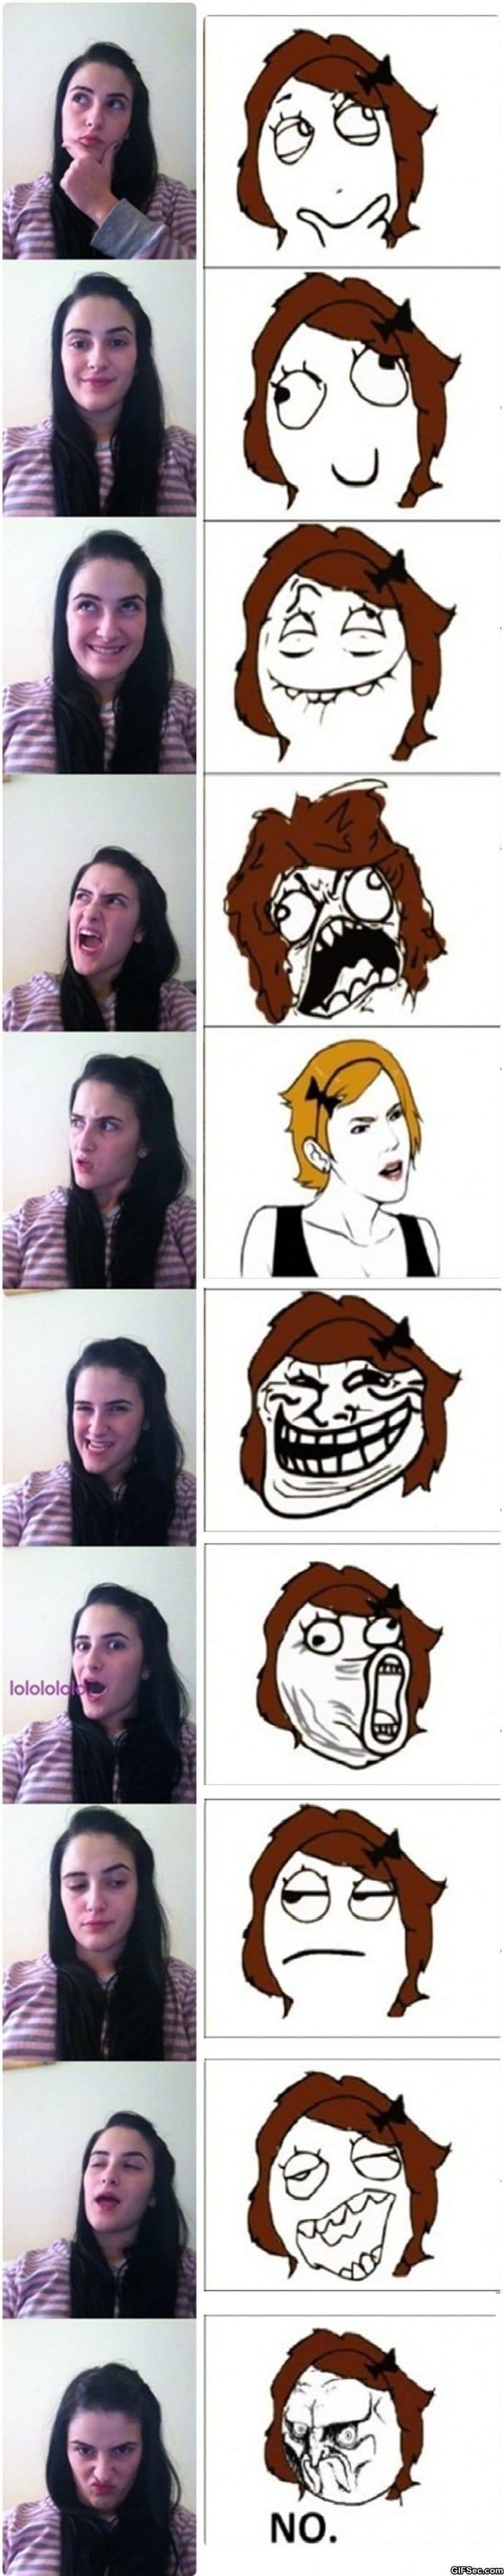 meme-faces